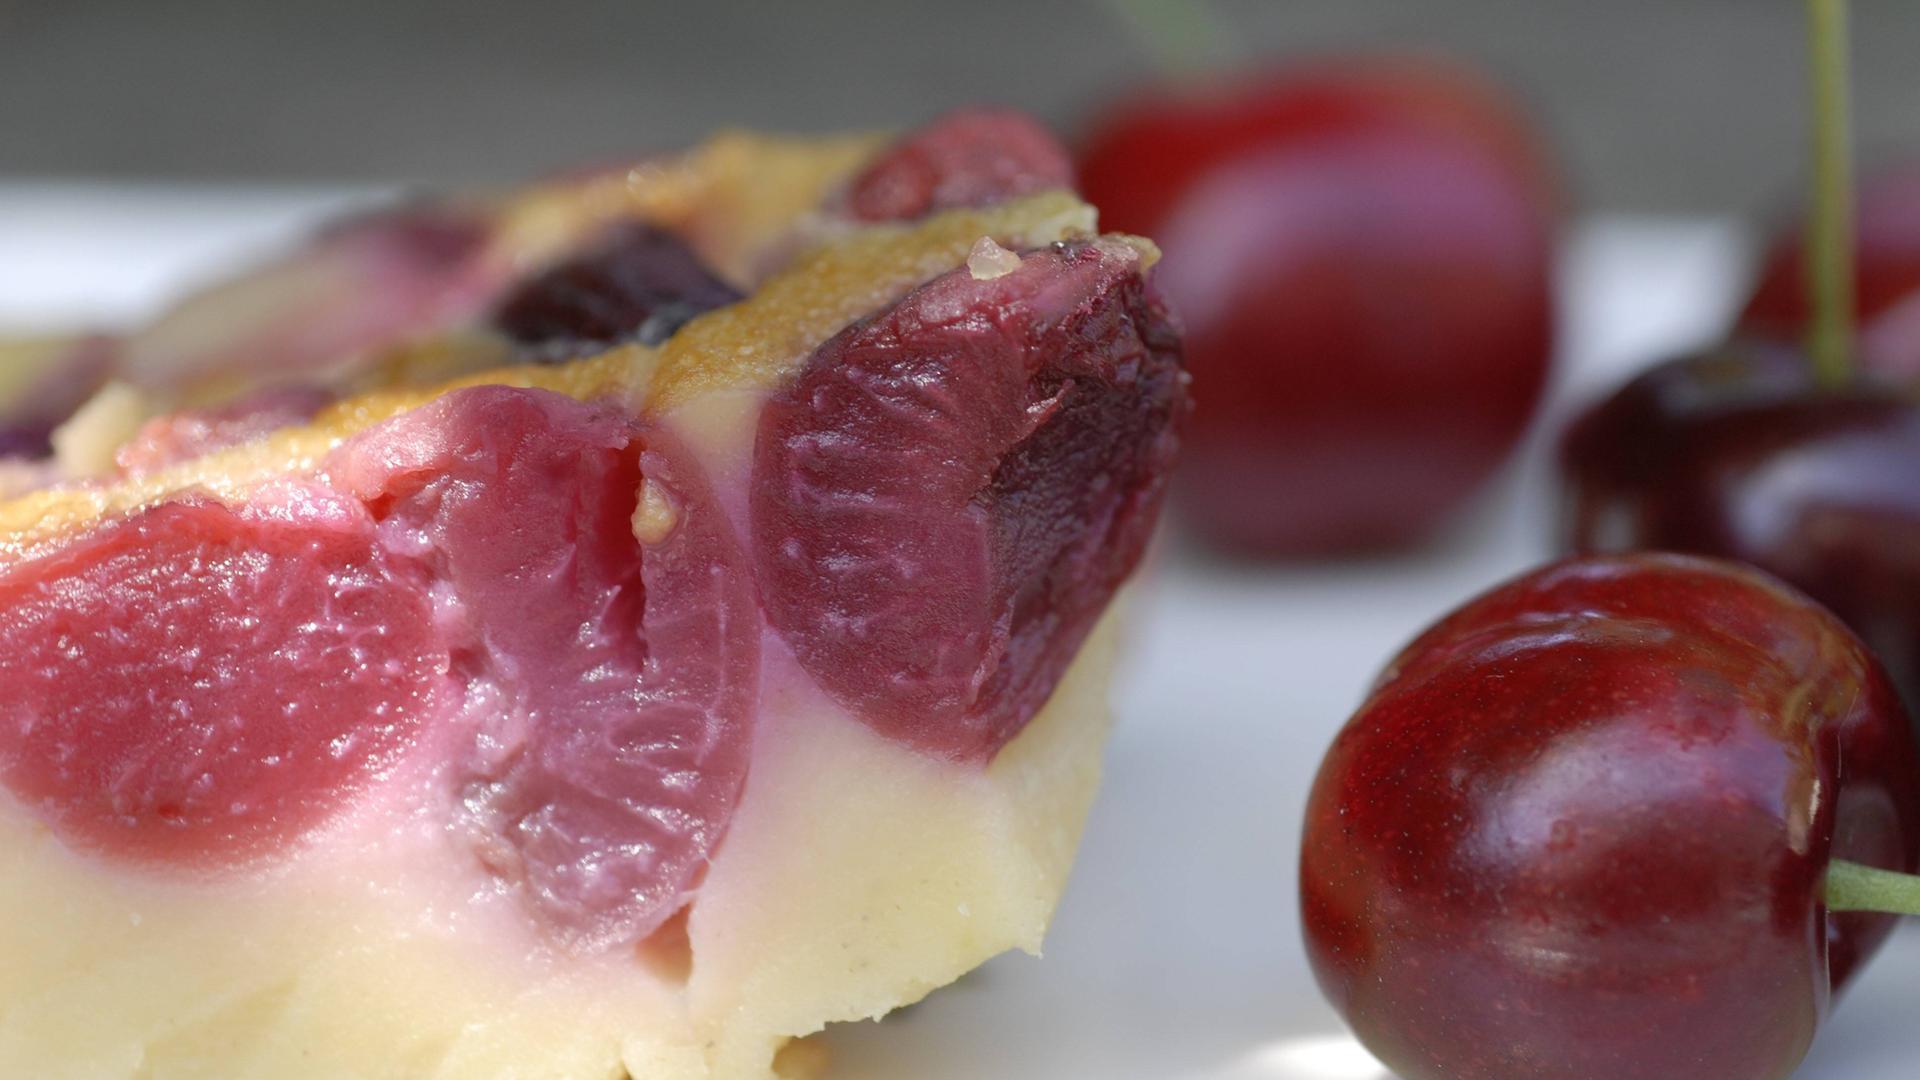 Franzosisches Dessert Clafoutis Zdfmediathek